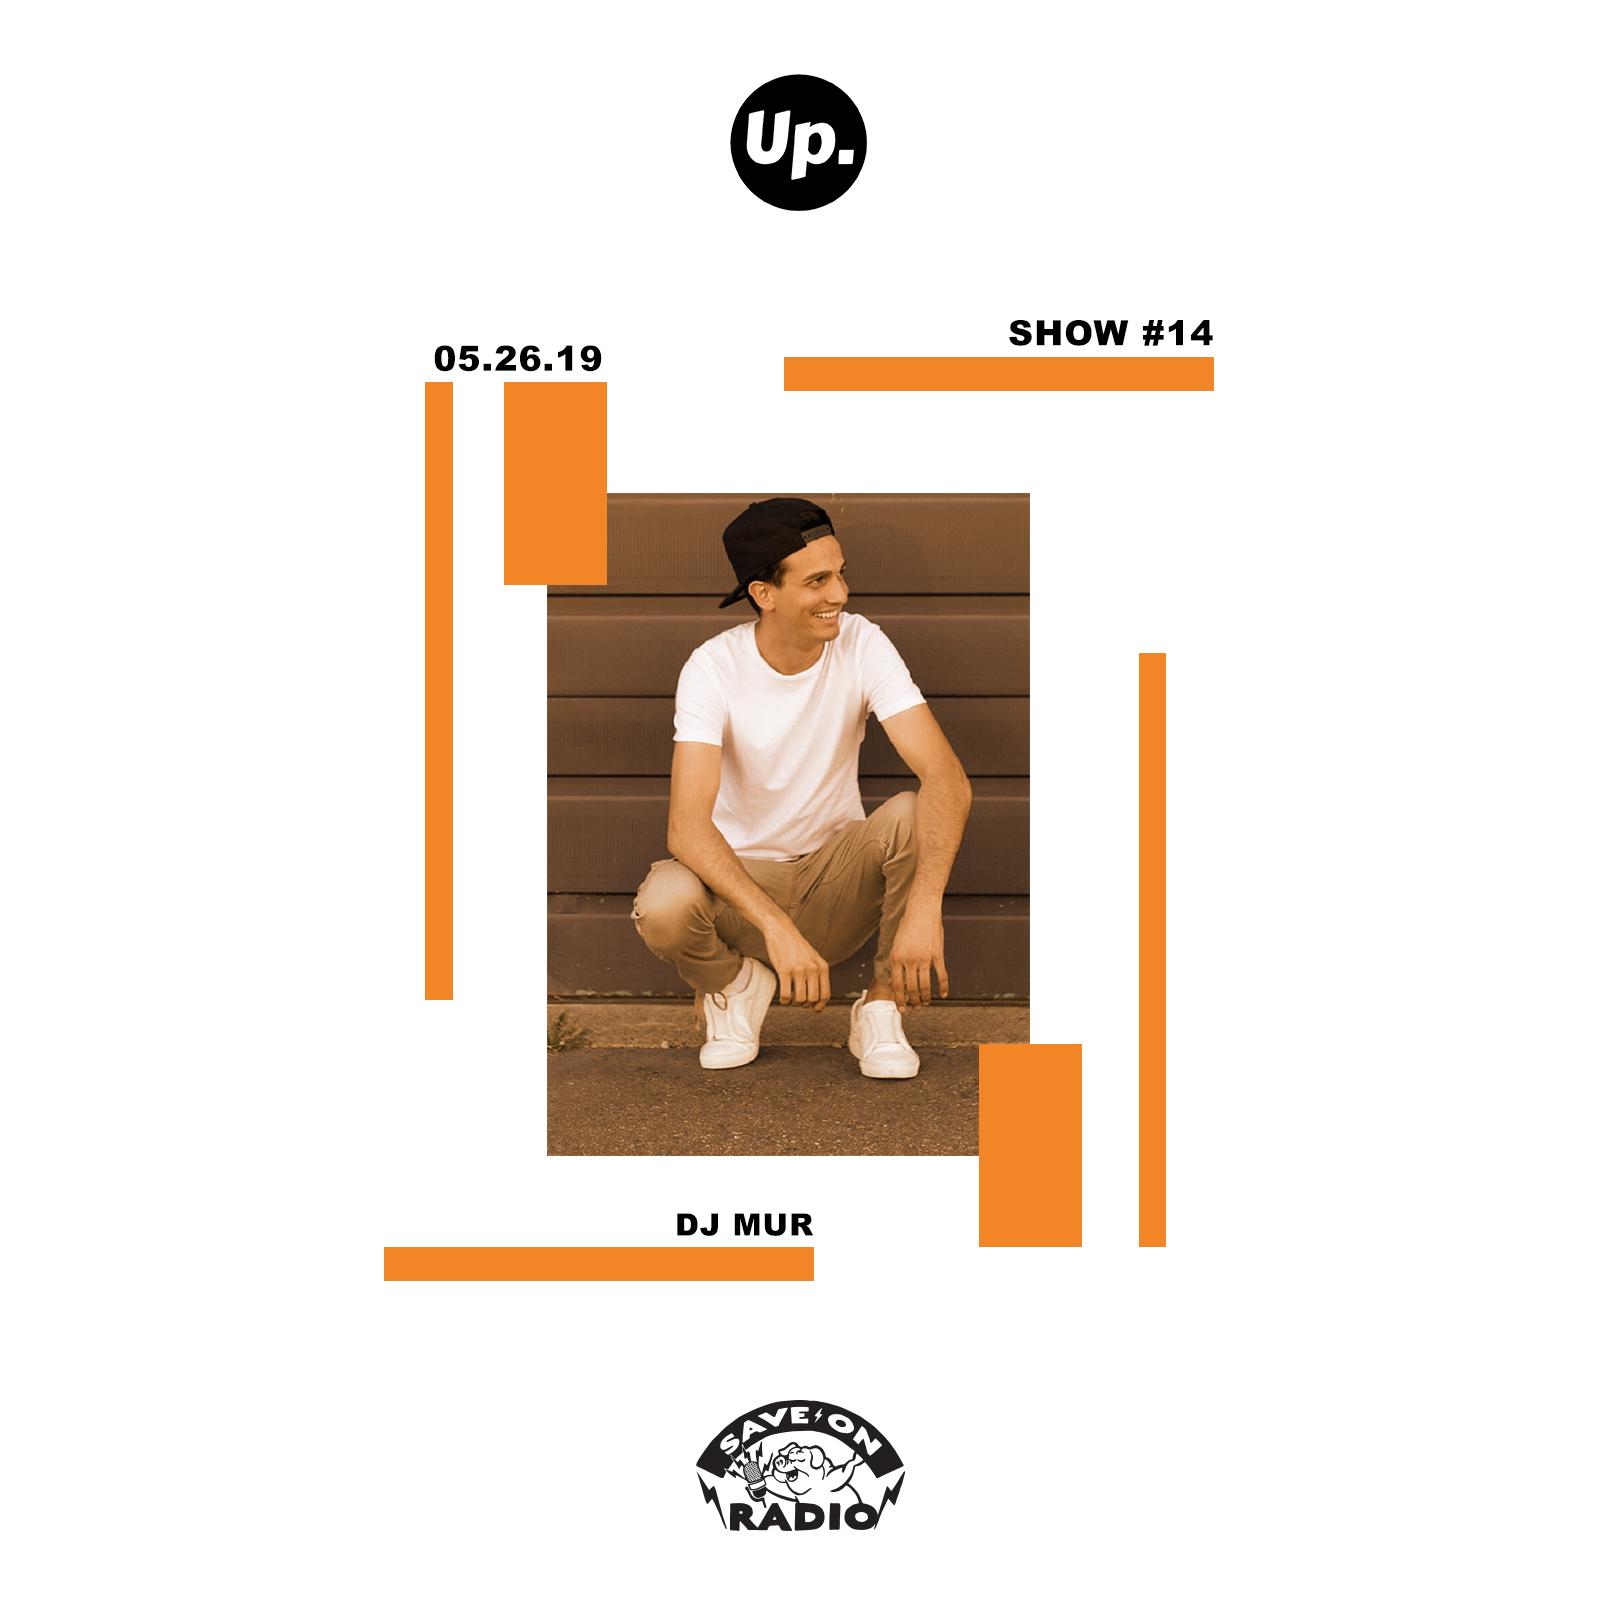 Show #14 featuring DJ MUR